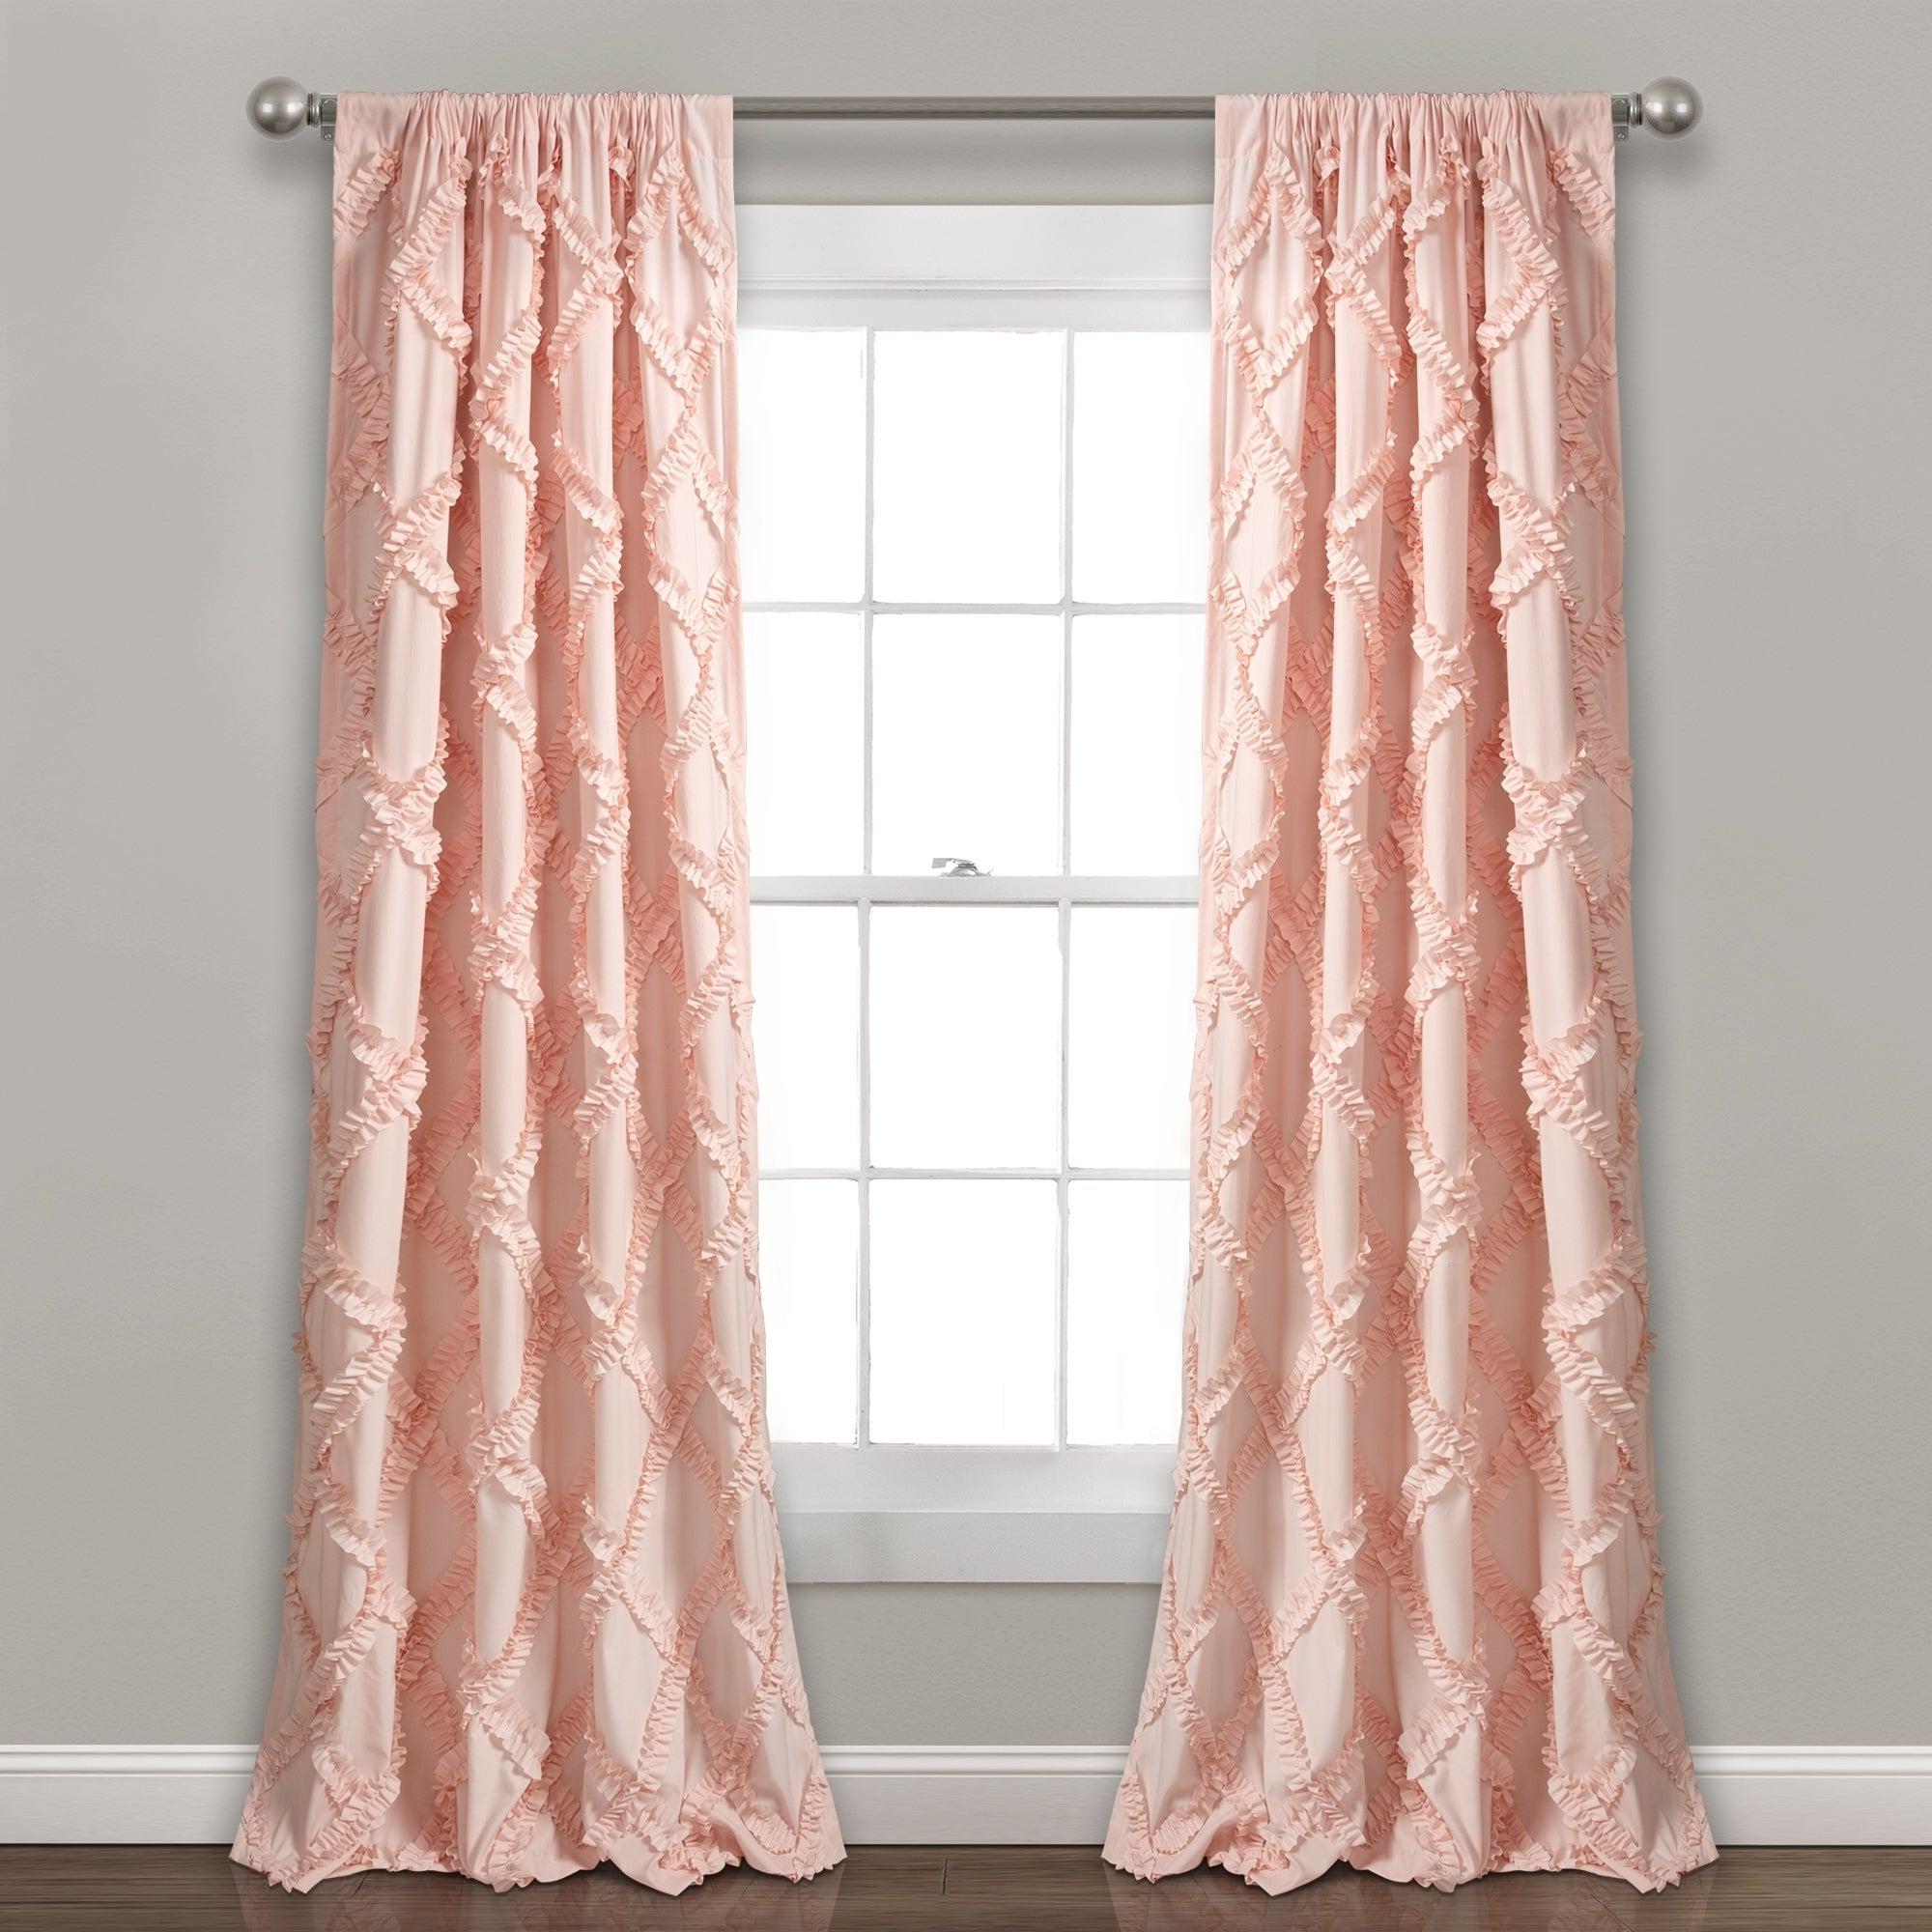 Ruffle Diamond Curtain Panel Pairs Regarding Trendy Lush Decor Ruffle Diamond Curtain Panel Pair (View 6 of 20)